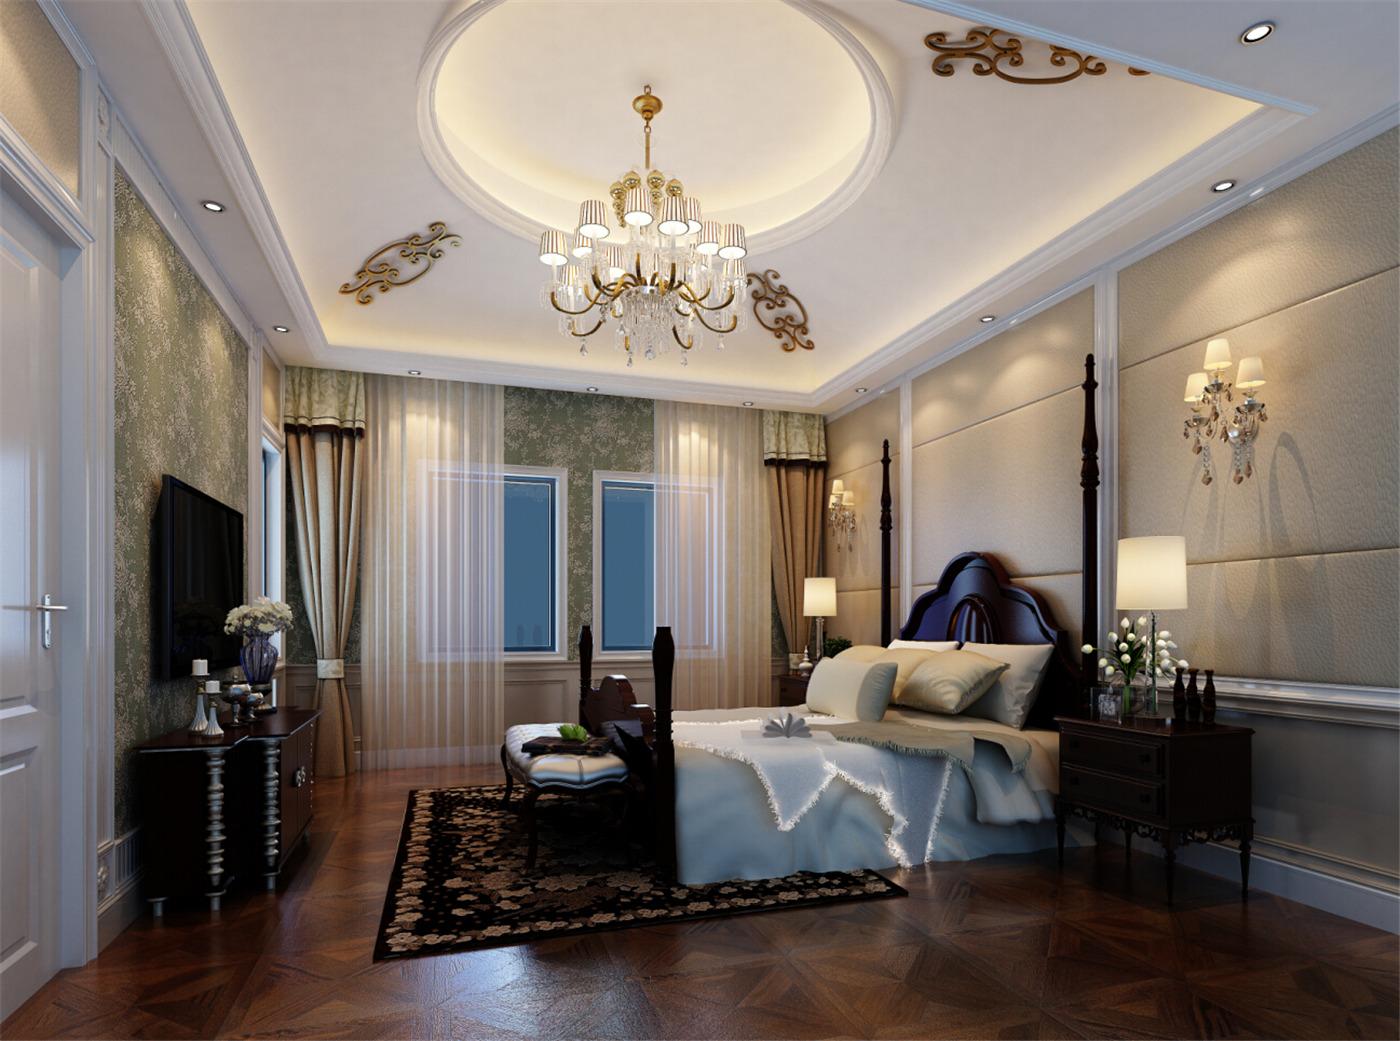 保利叶城 别墅装修 别墅设计 现代风格 腾龙设计 卧室图片来自腾龙设计在保利叶城121号别墅装修设计案例的分享